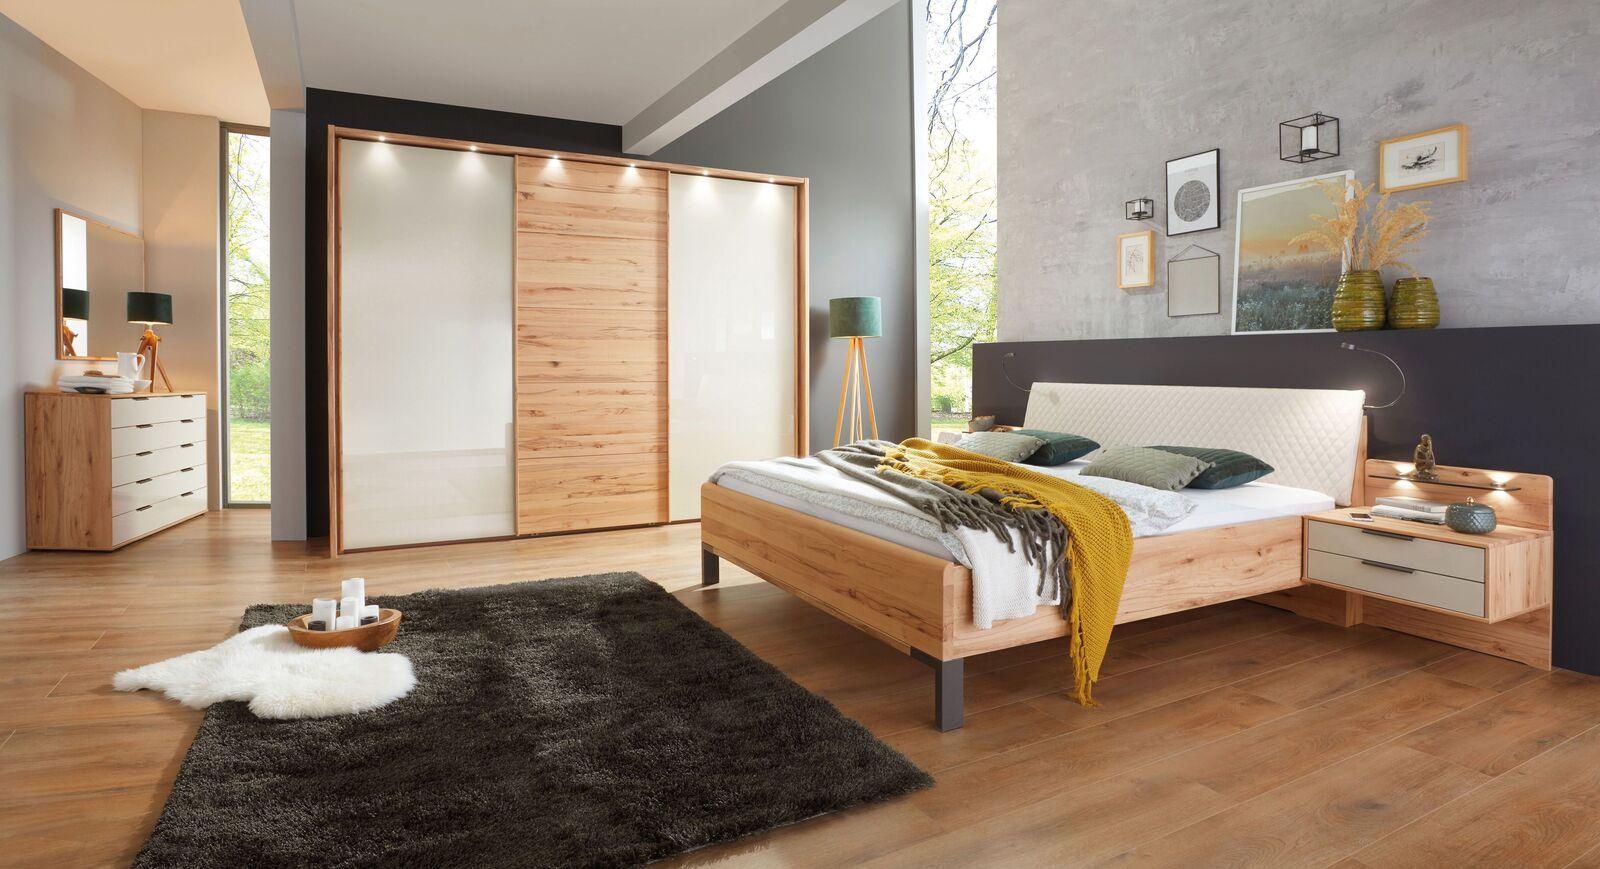 Komplett-Schlafzimmer Leandra mit modernen Möbeln